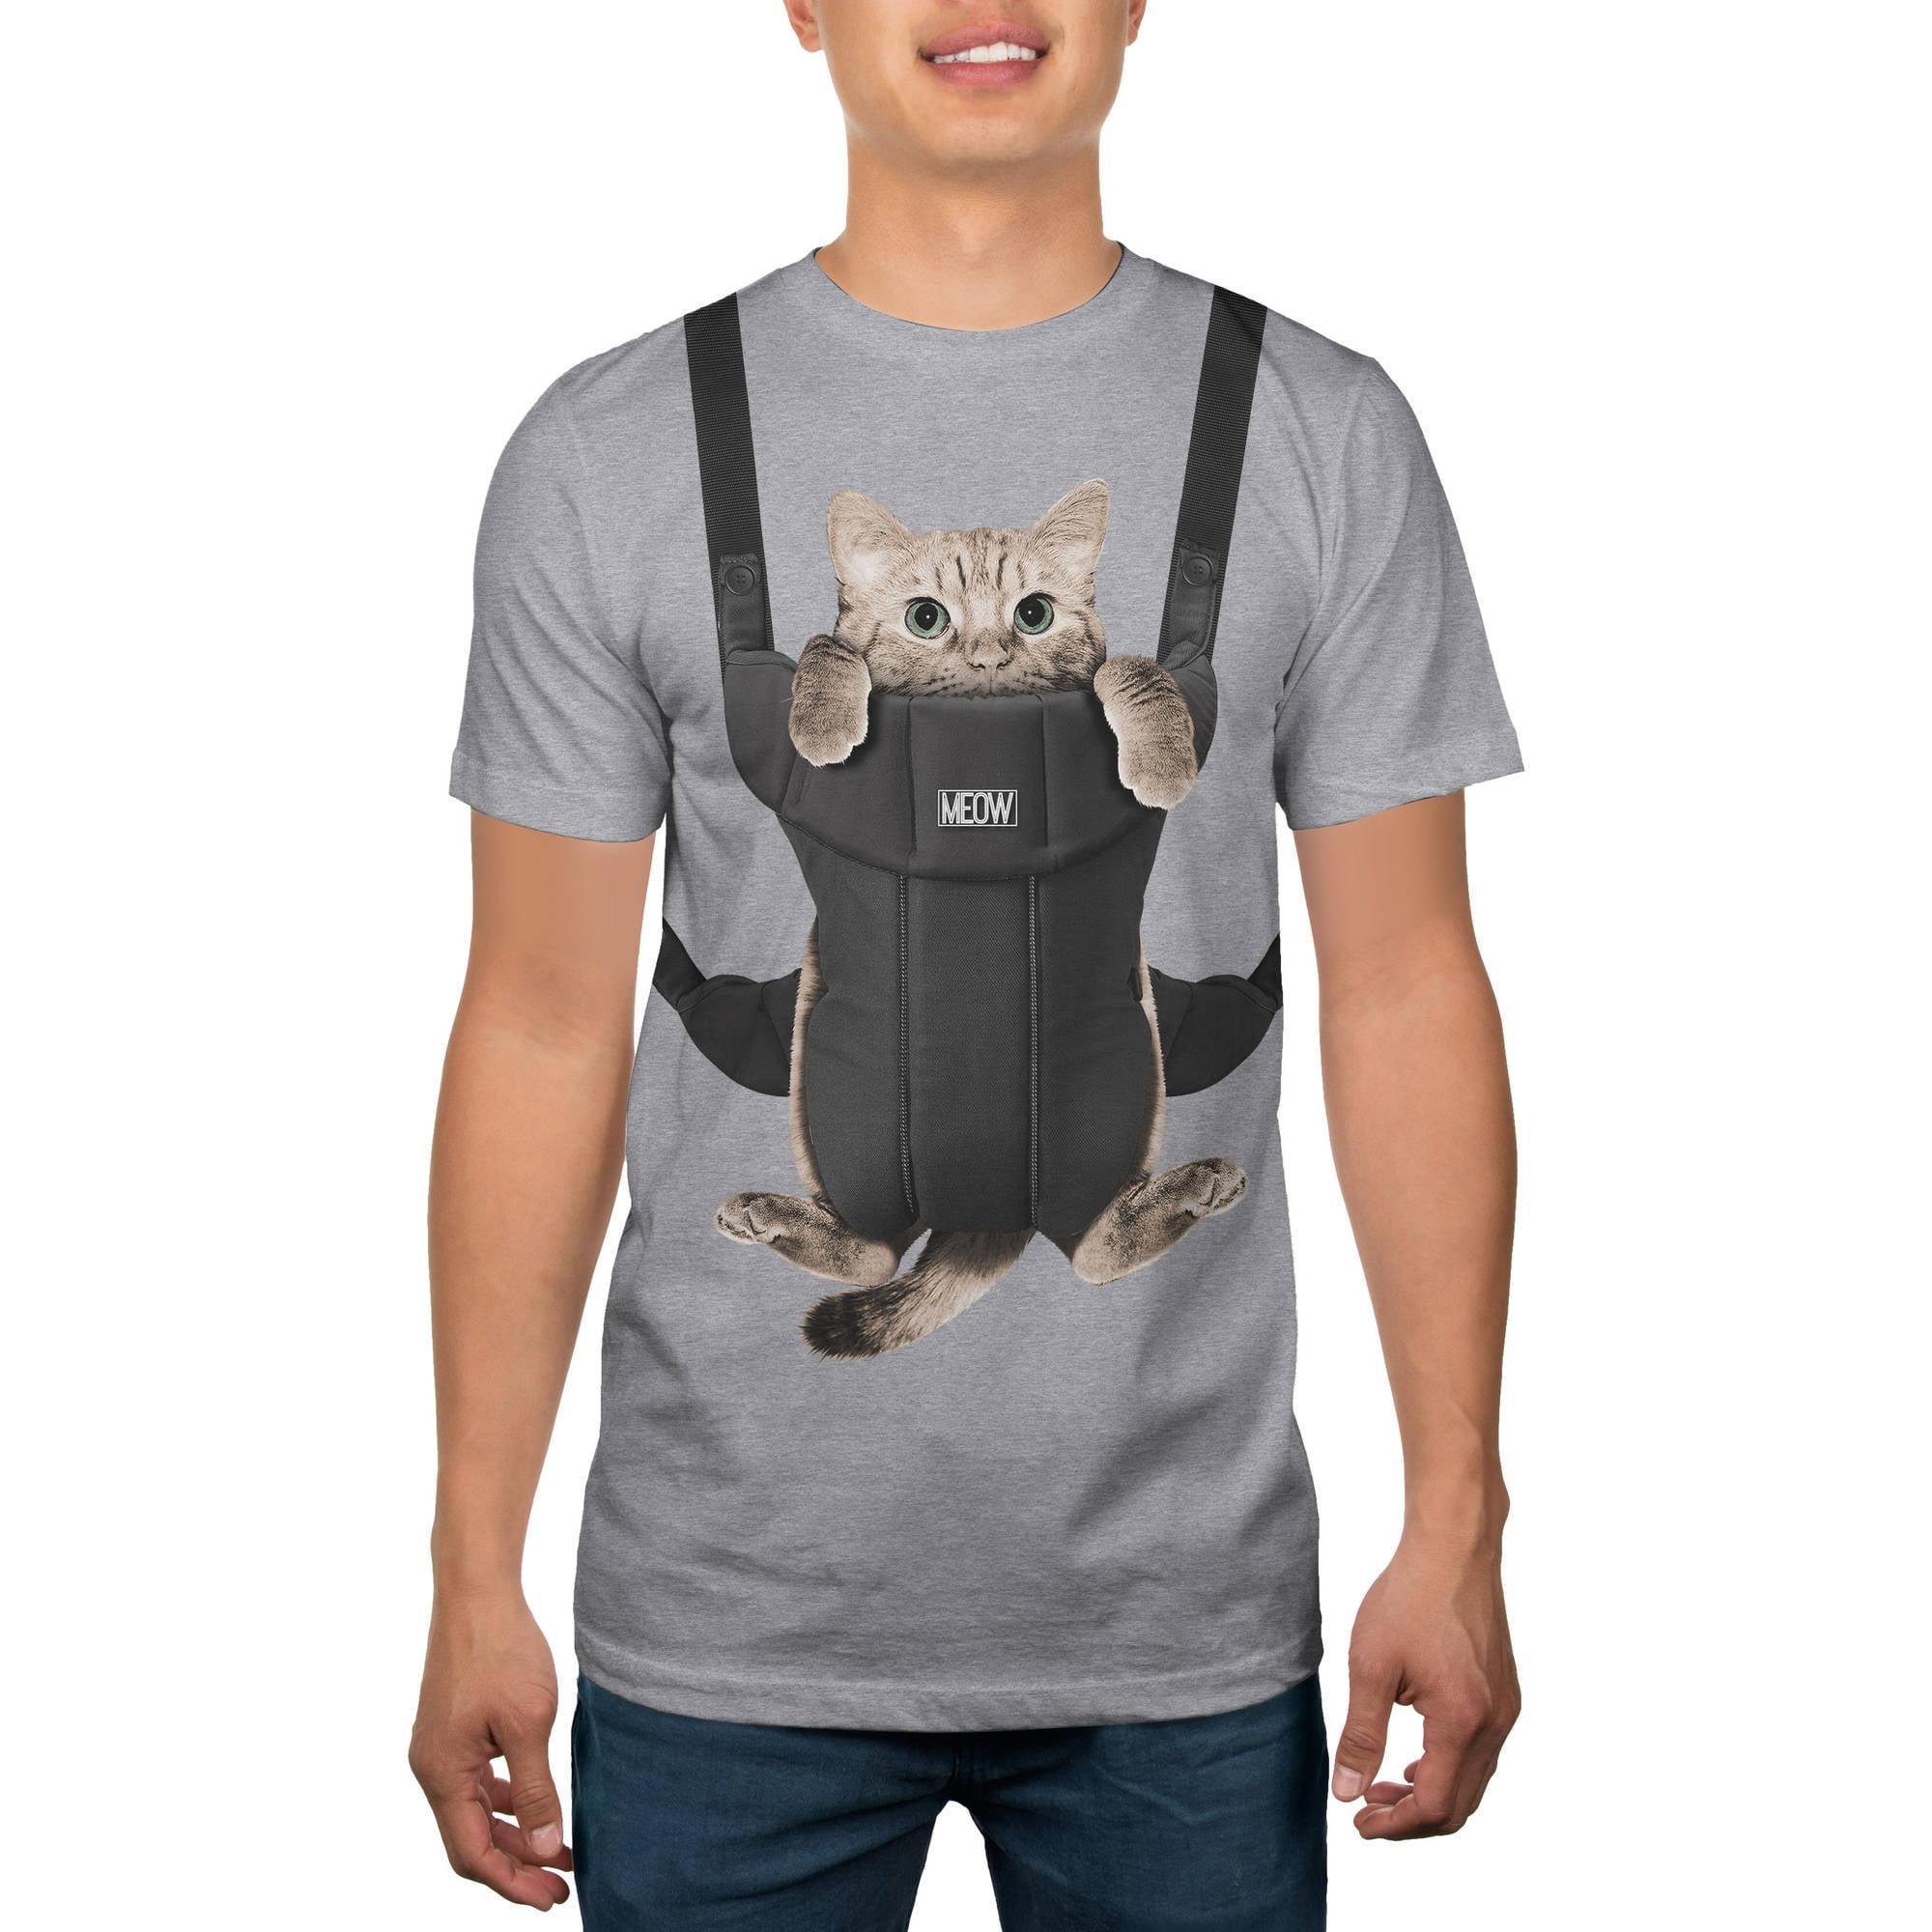 Cat in Carrier Men's Humor Graphic Tee